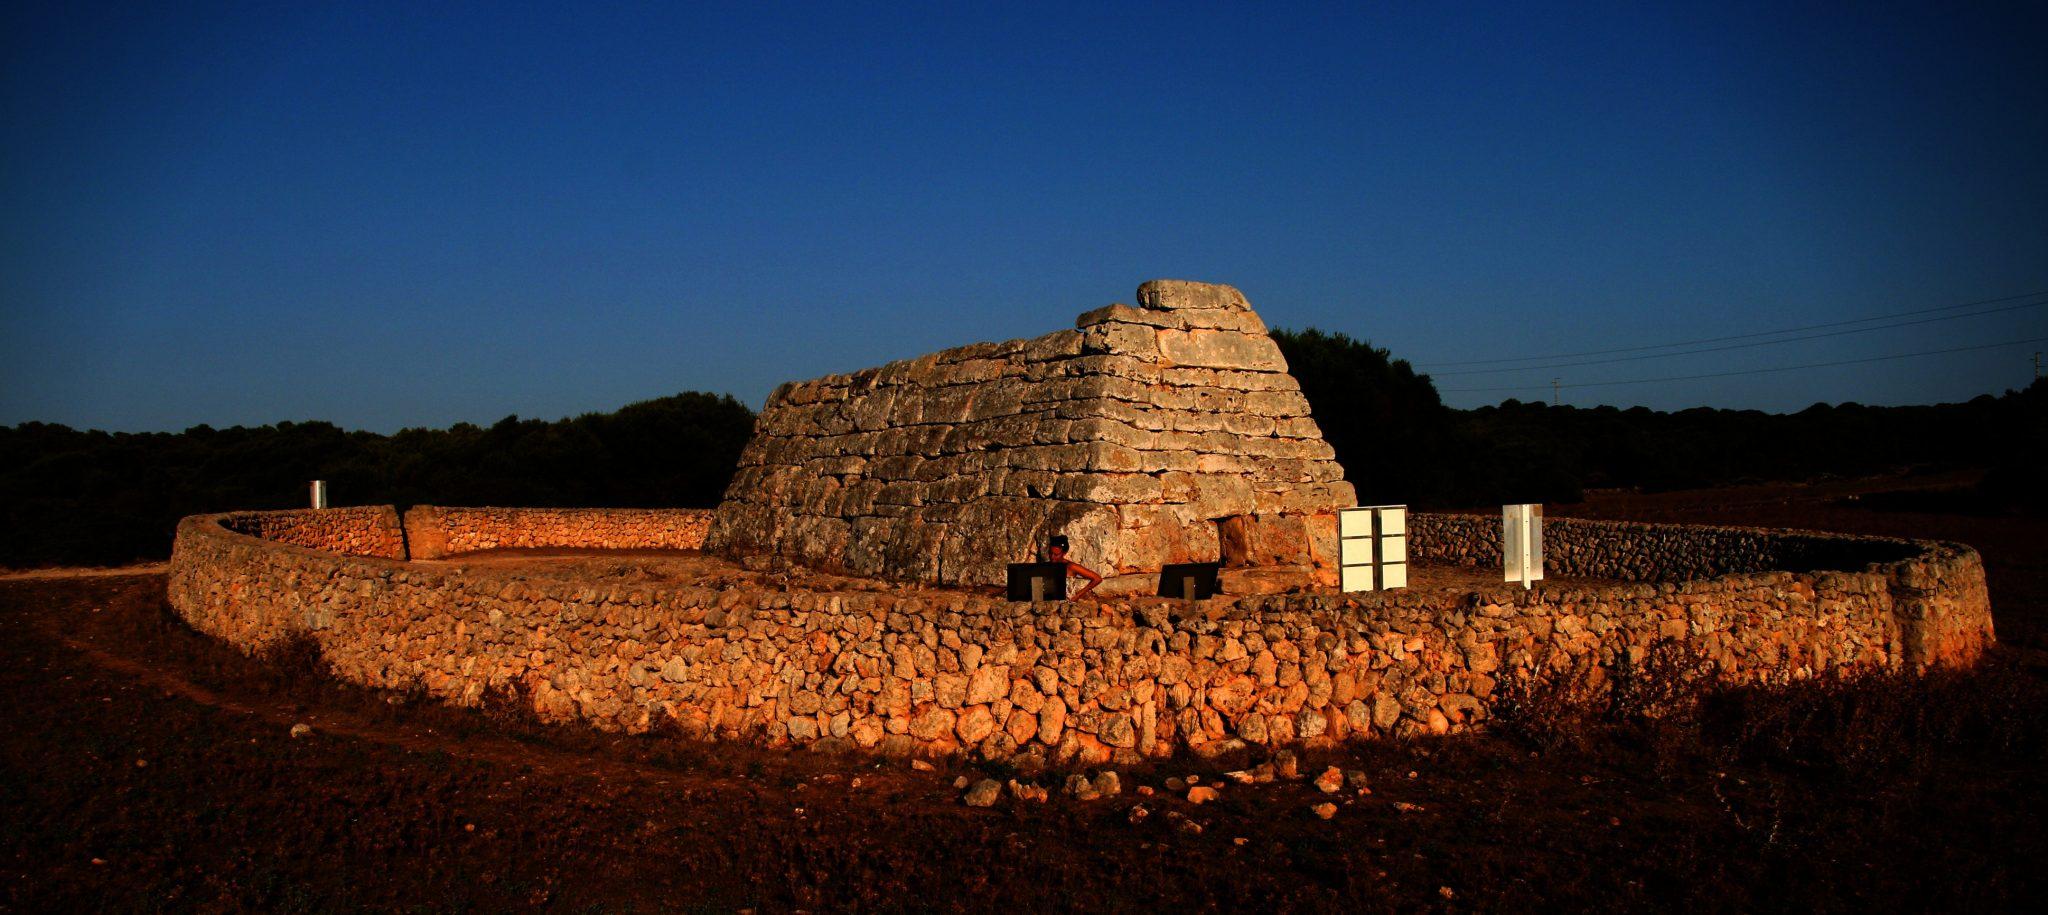 Naveta des Tudons, el monumento más conocido de Menorca